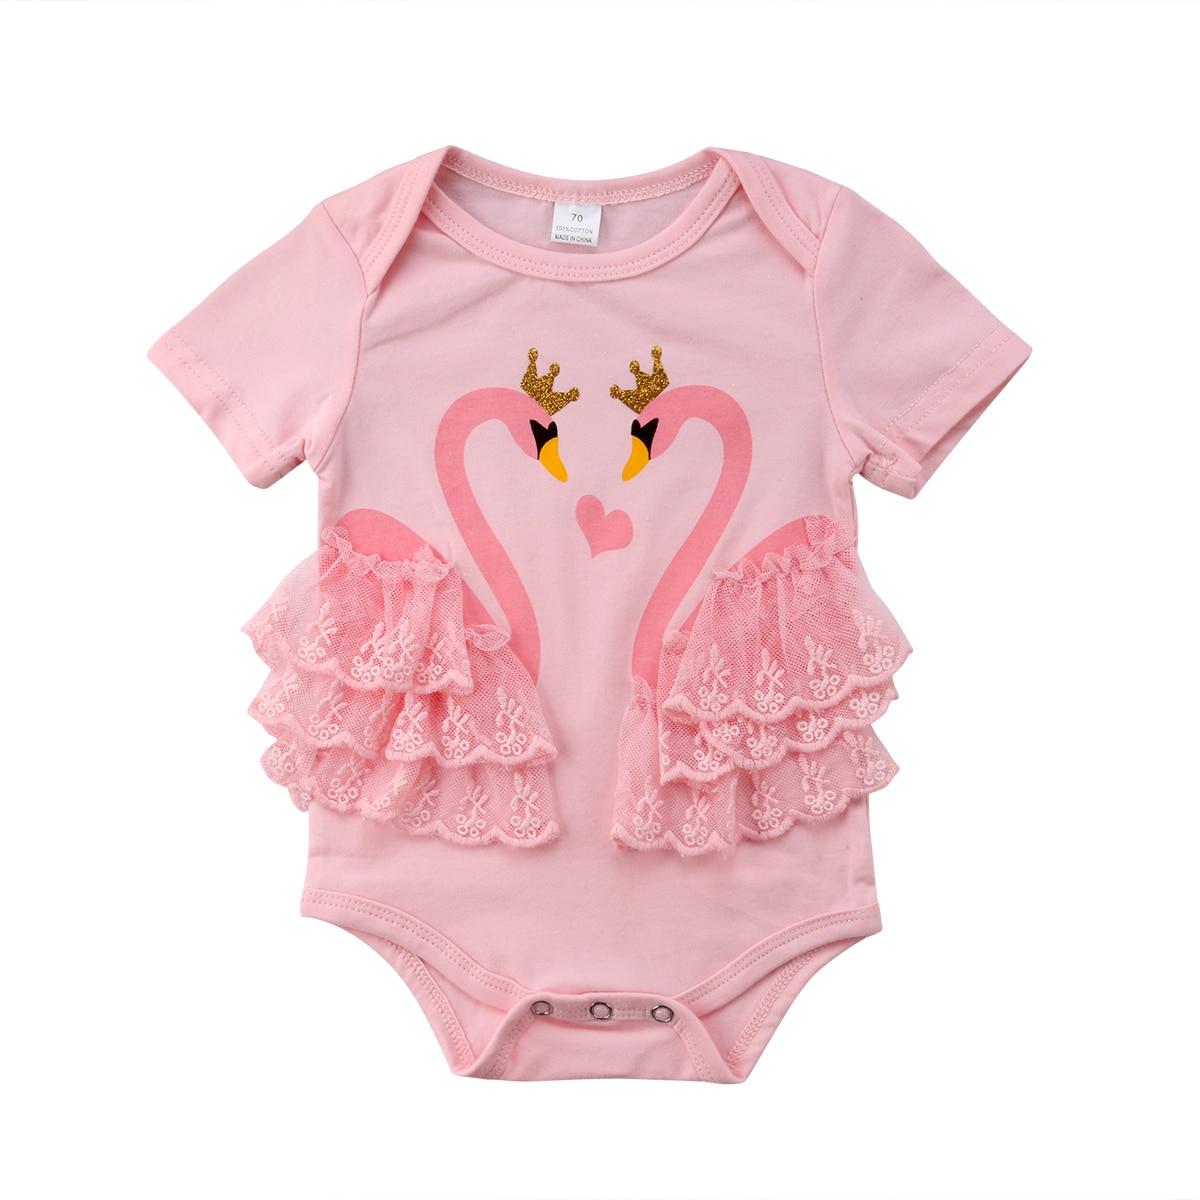 Infant Baby Girl Newborn Swan Romper Jumpsuit Bodysuit Outfits Sunsuit Clothes